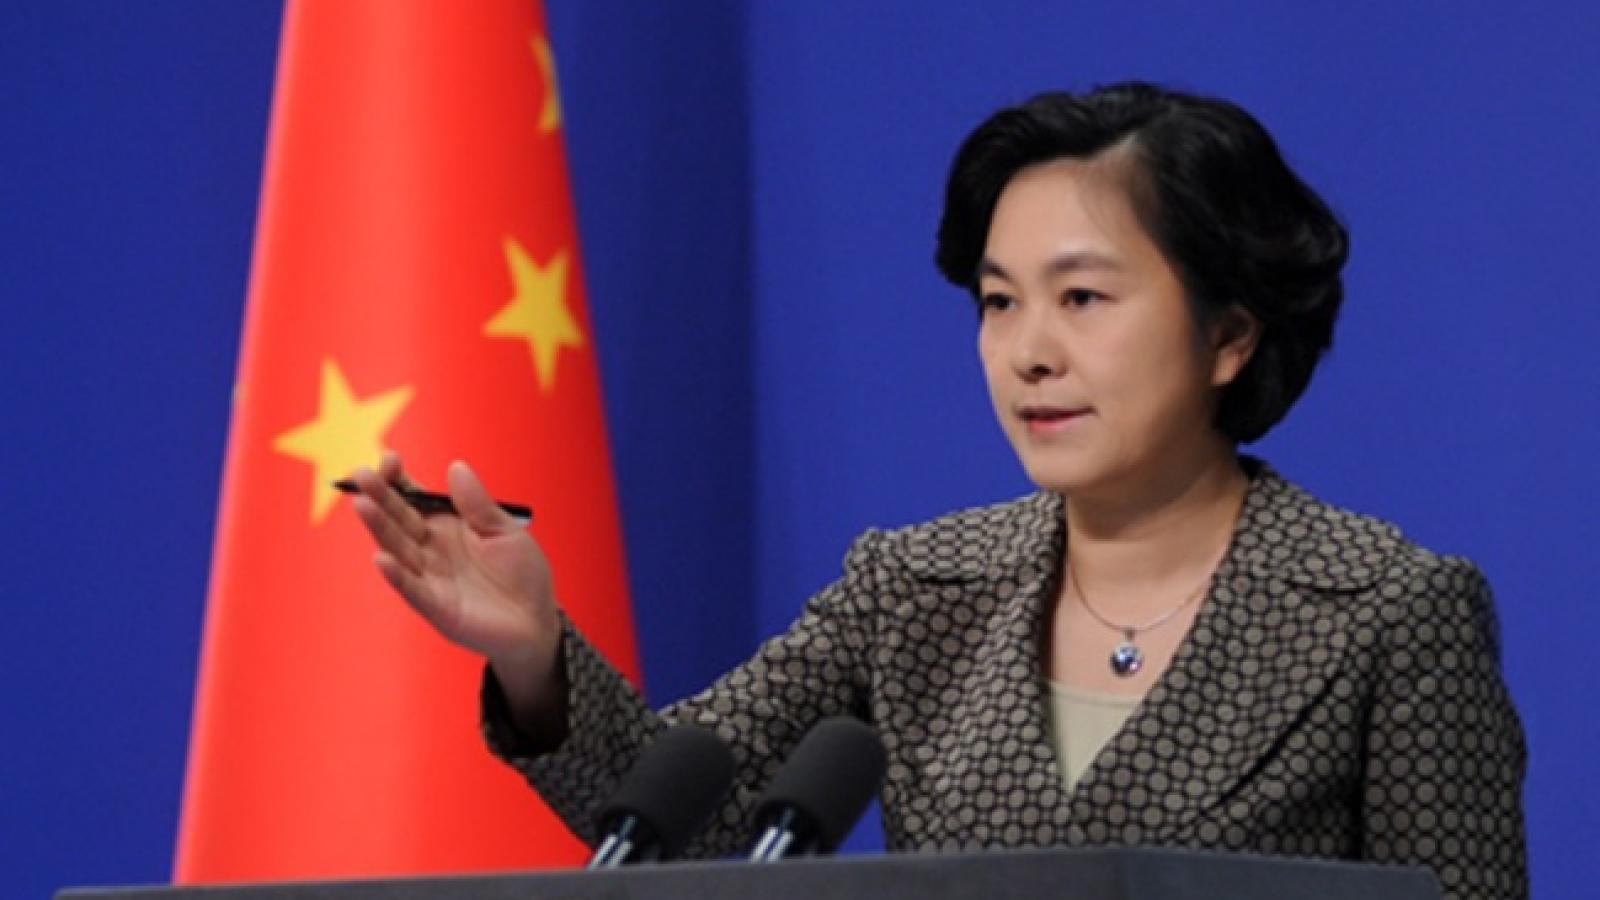 Trung Quốc quan ngại về phát biểu của Thủ tướng Nhật Bản về Hong Kong